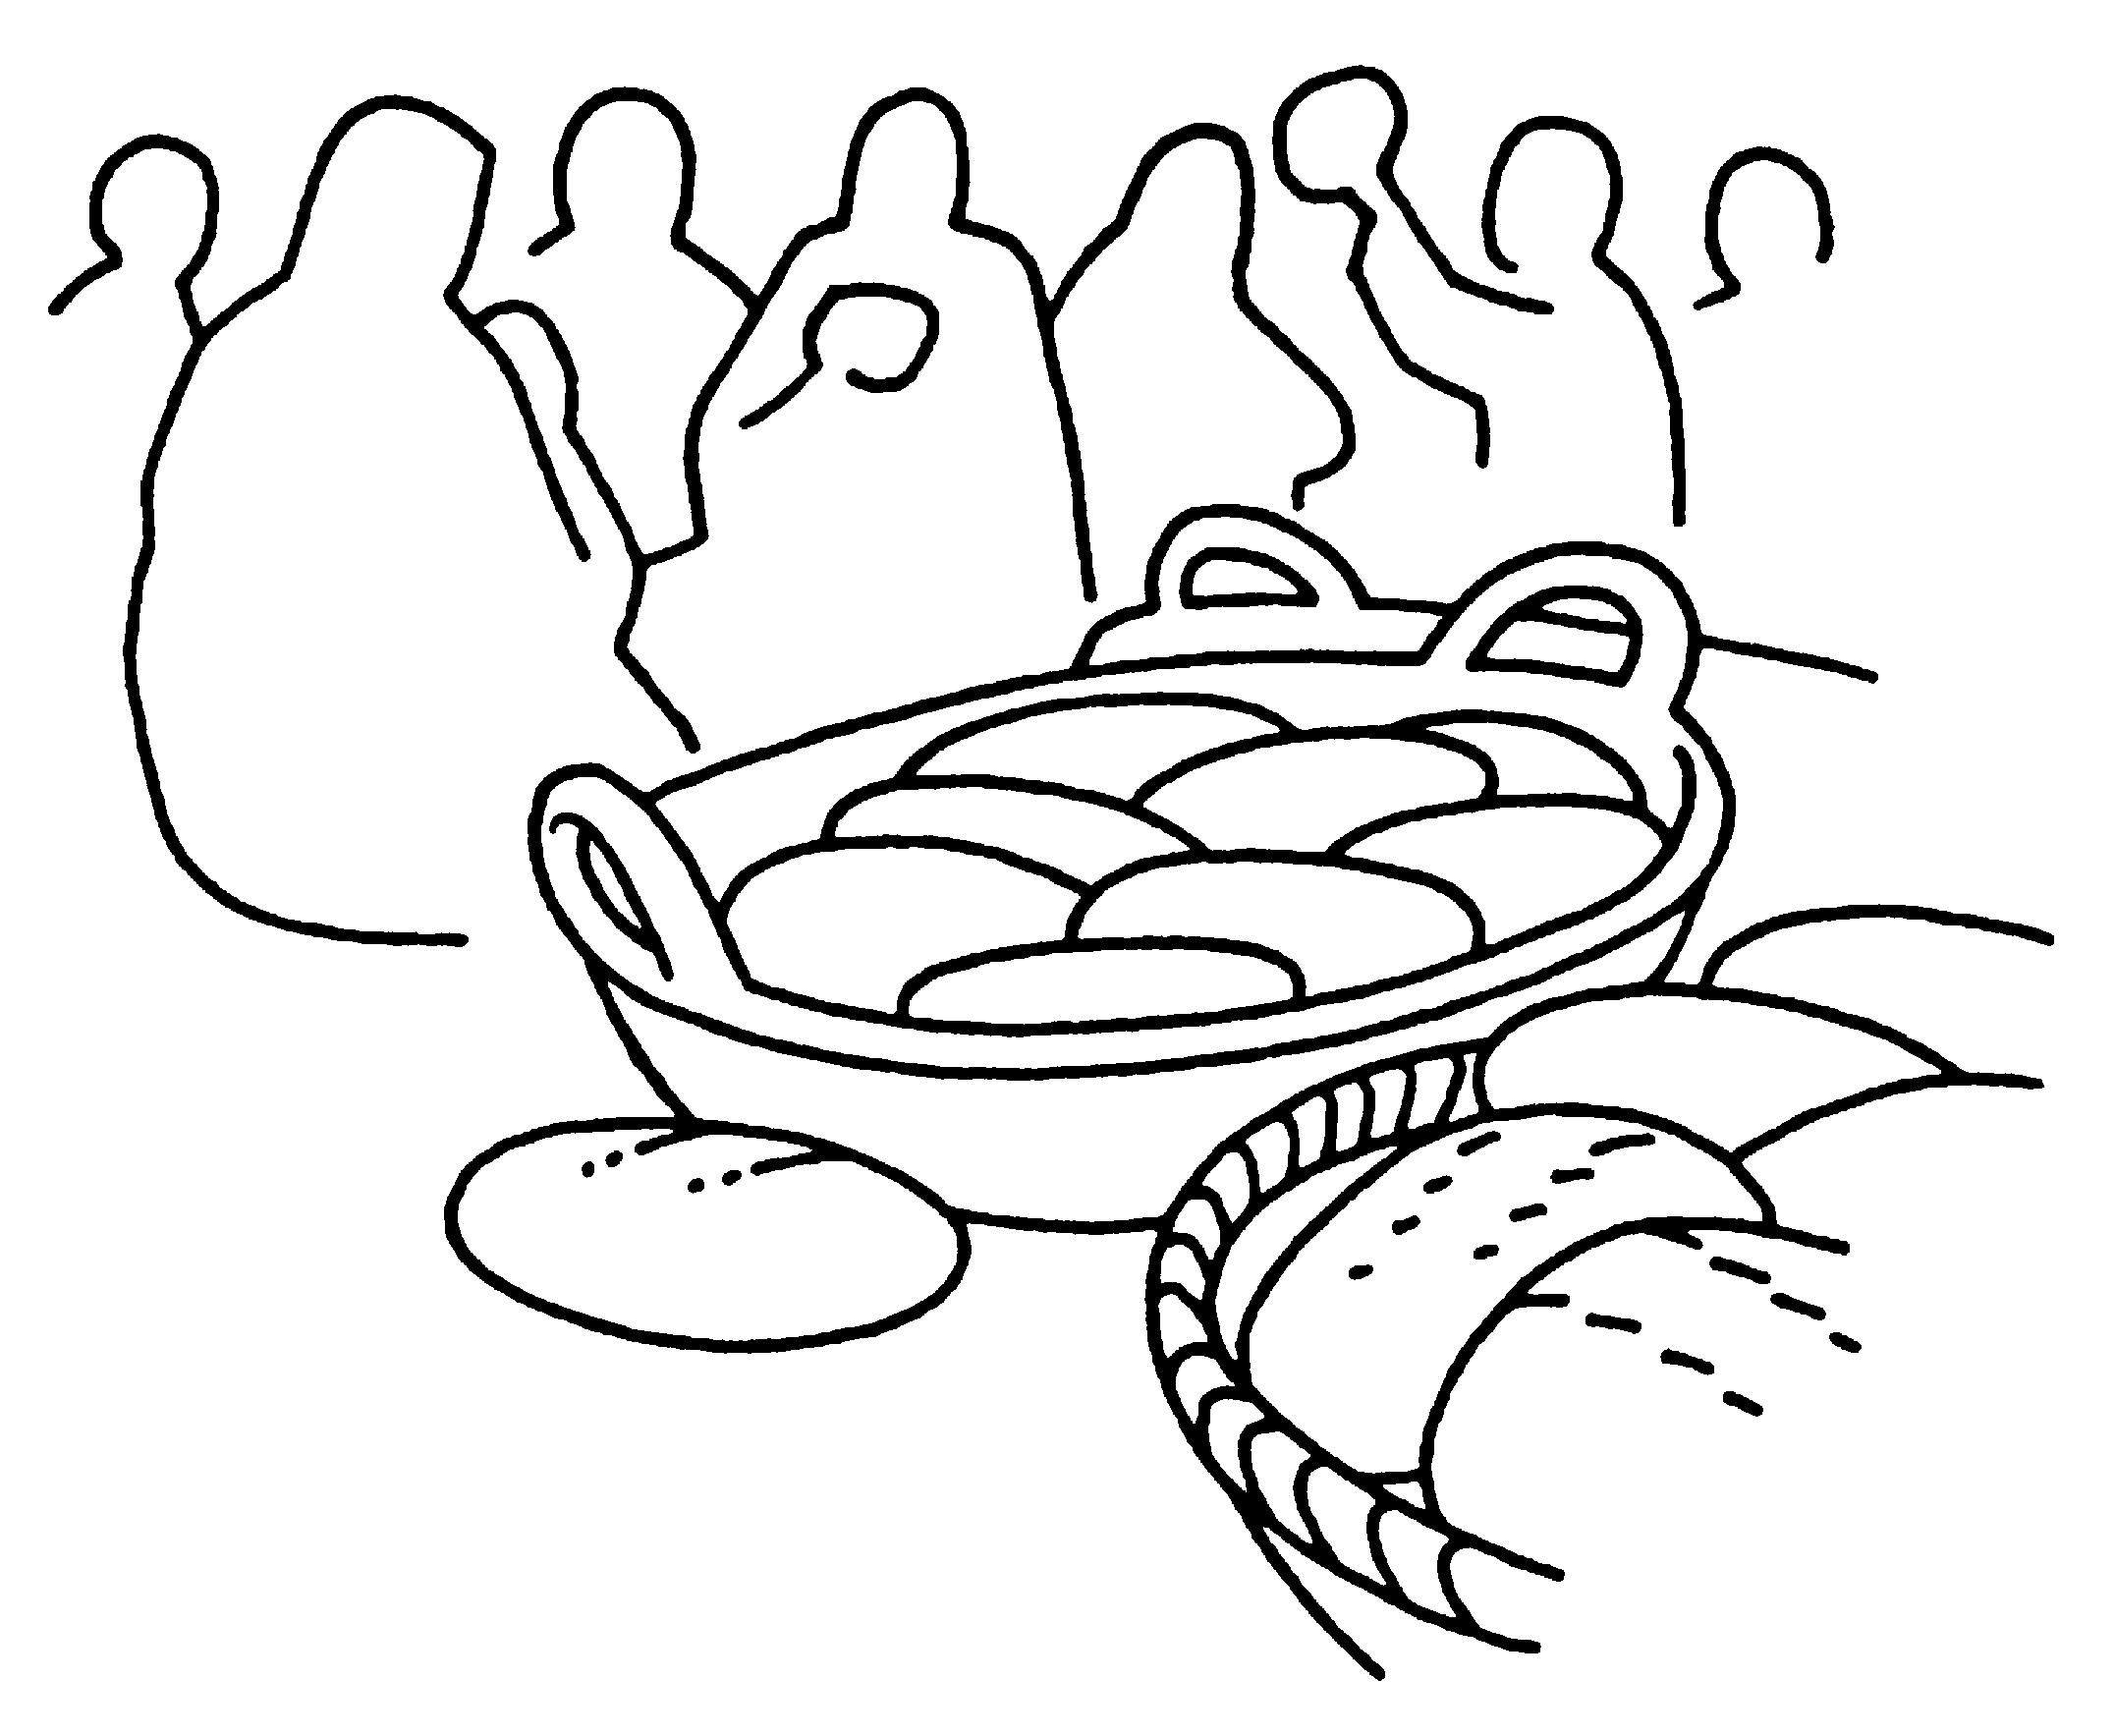 Atractivo Colorear Dos Peces Y Cinco Panes De Pan Adorno - Dibujos ...